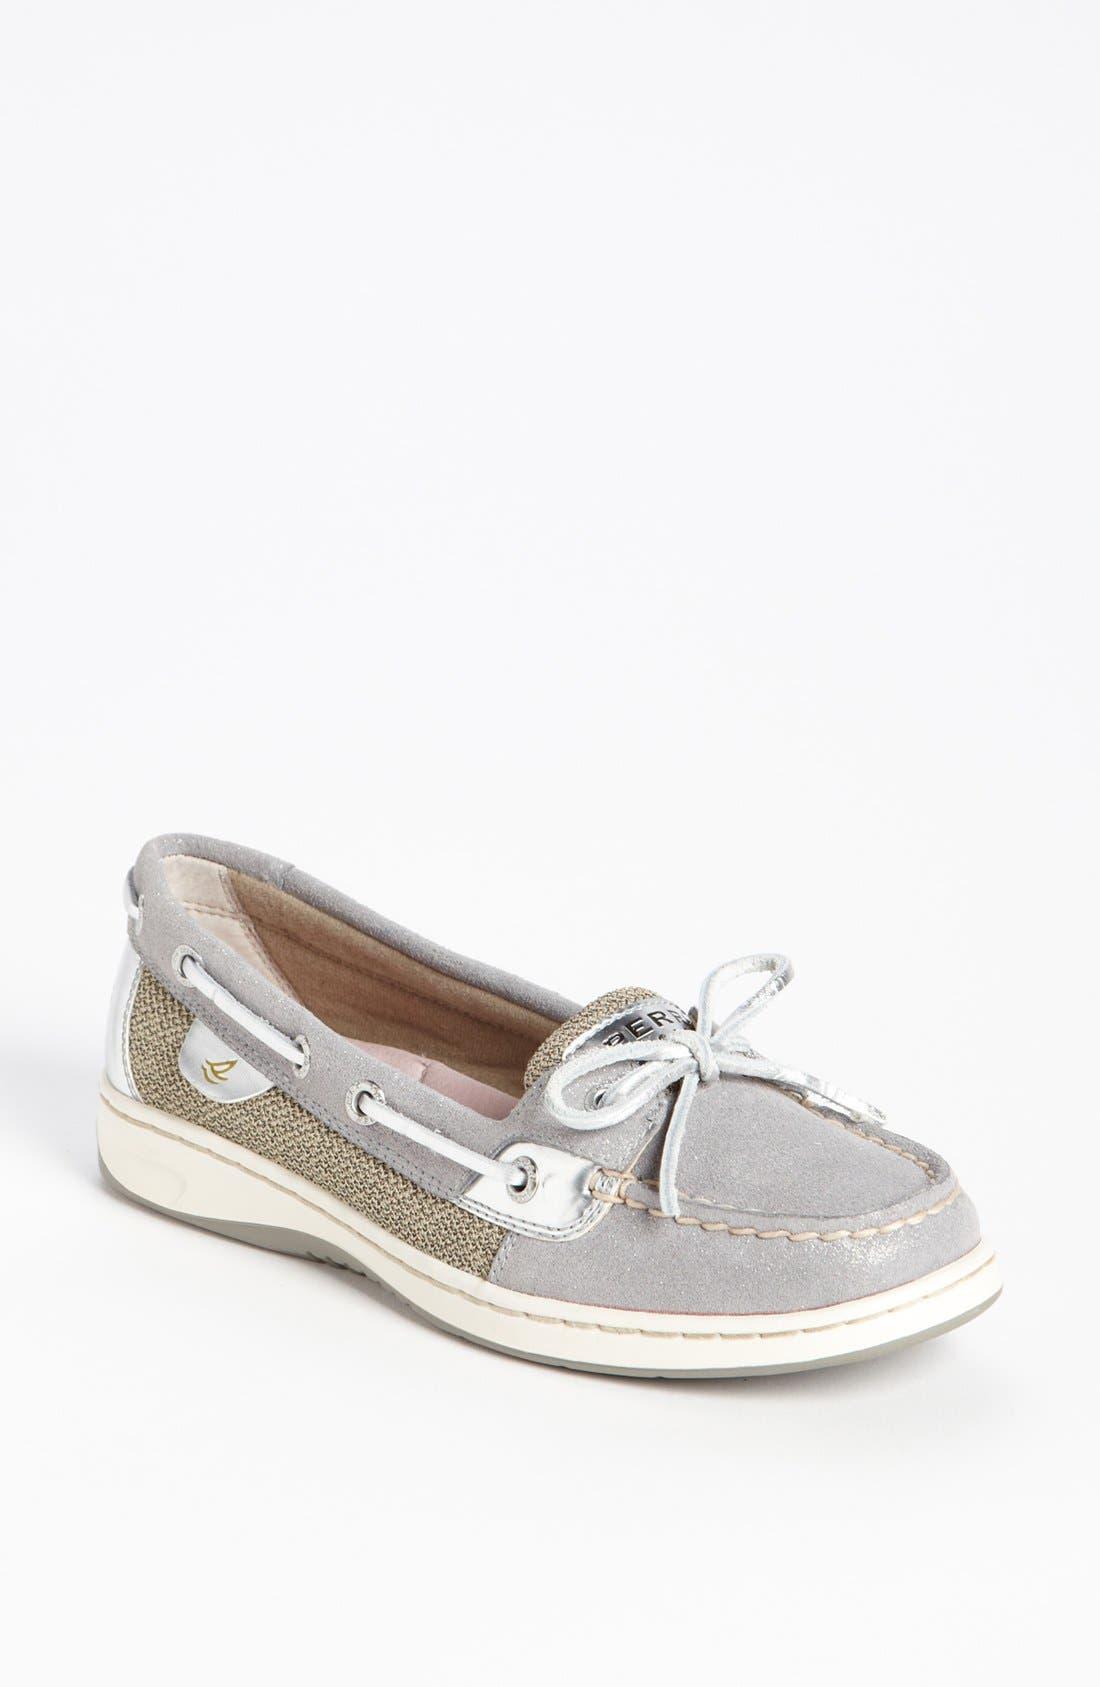 Main Image - Sperry 'Angelfish' Boat Shoe (Women)